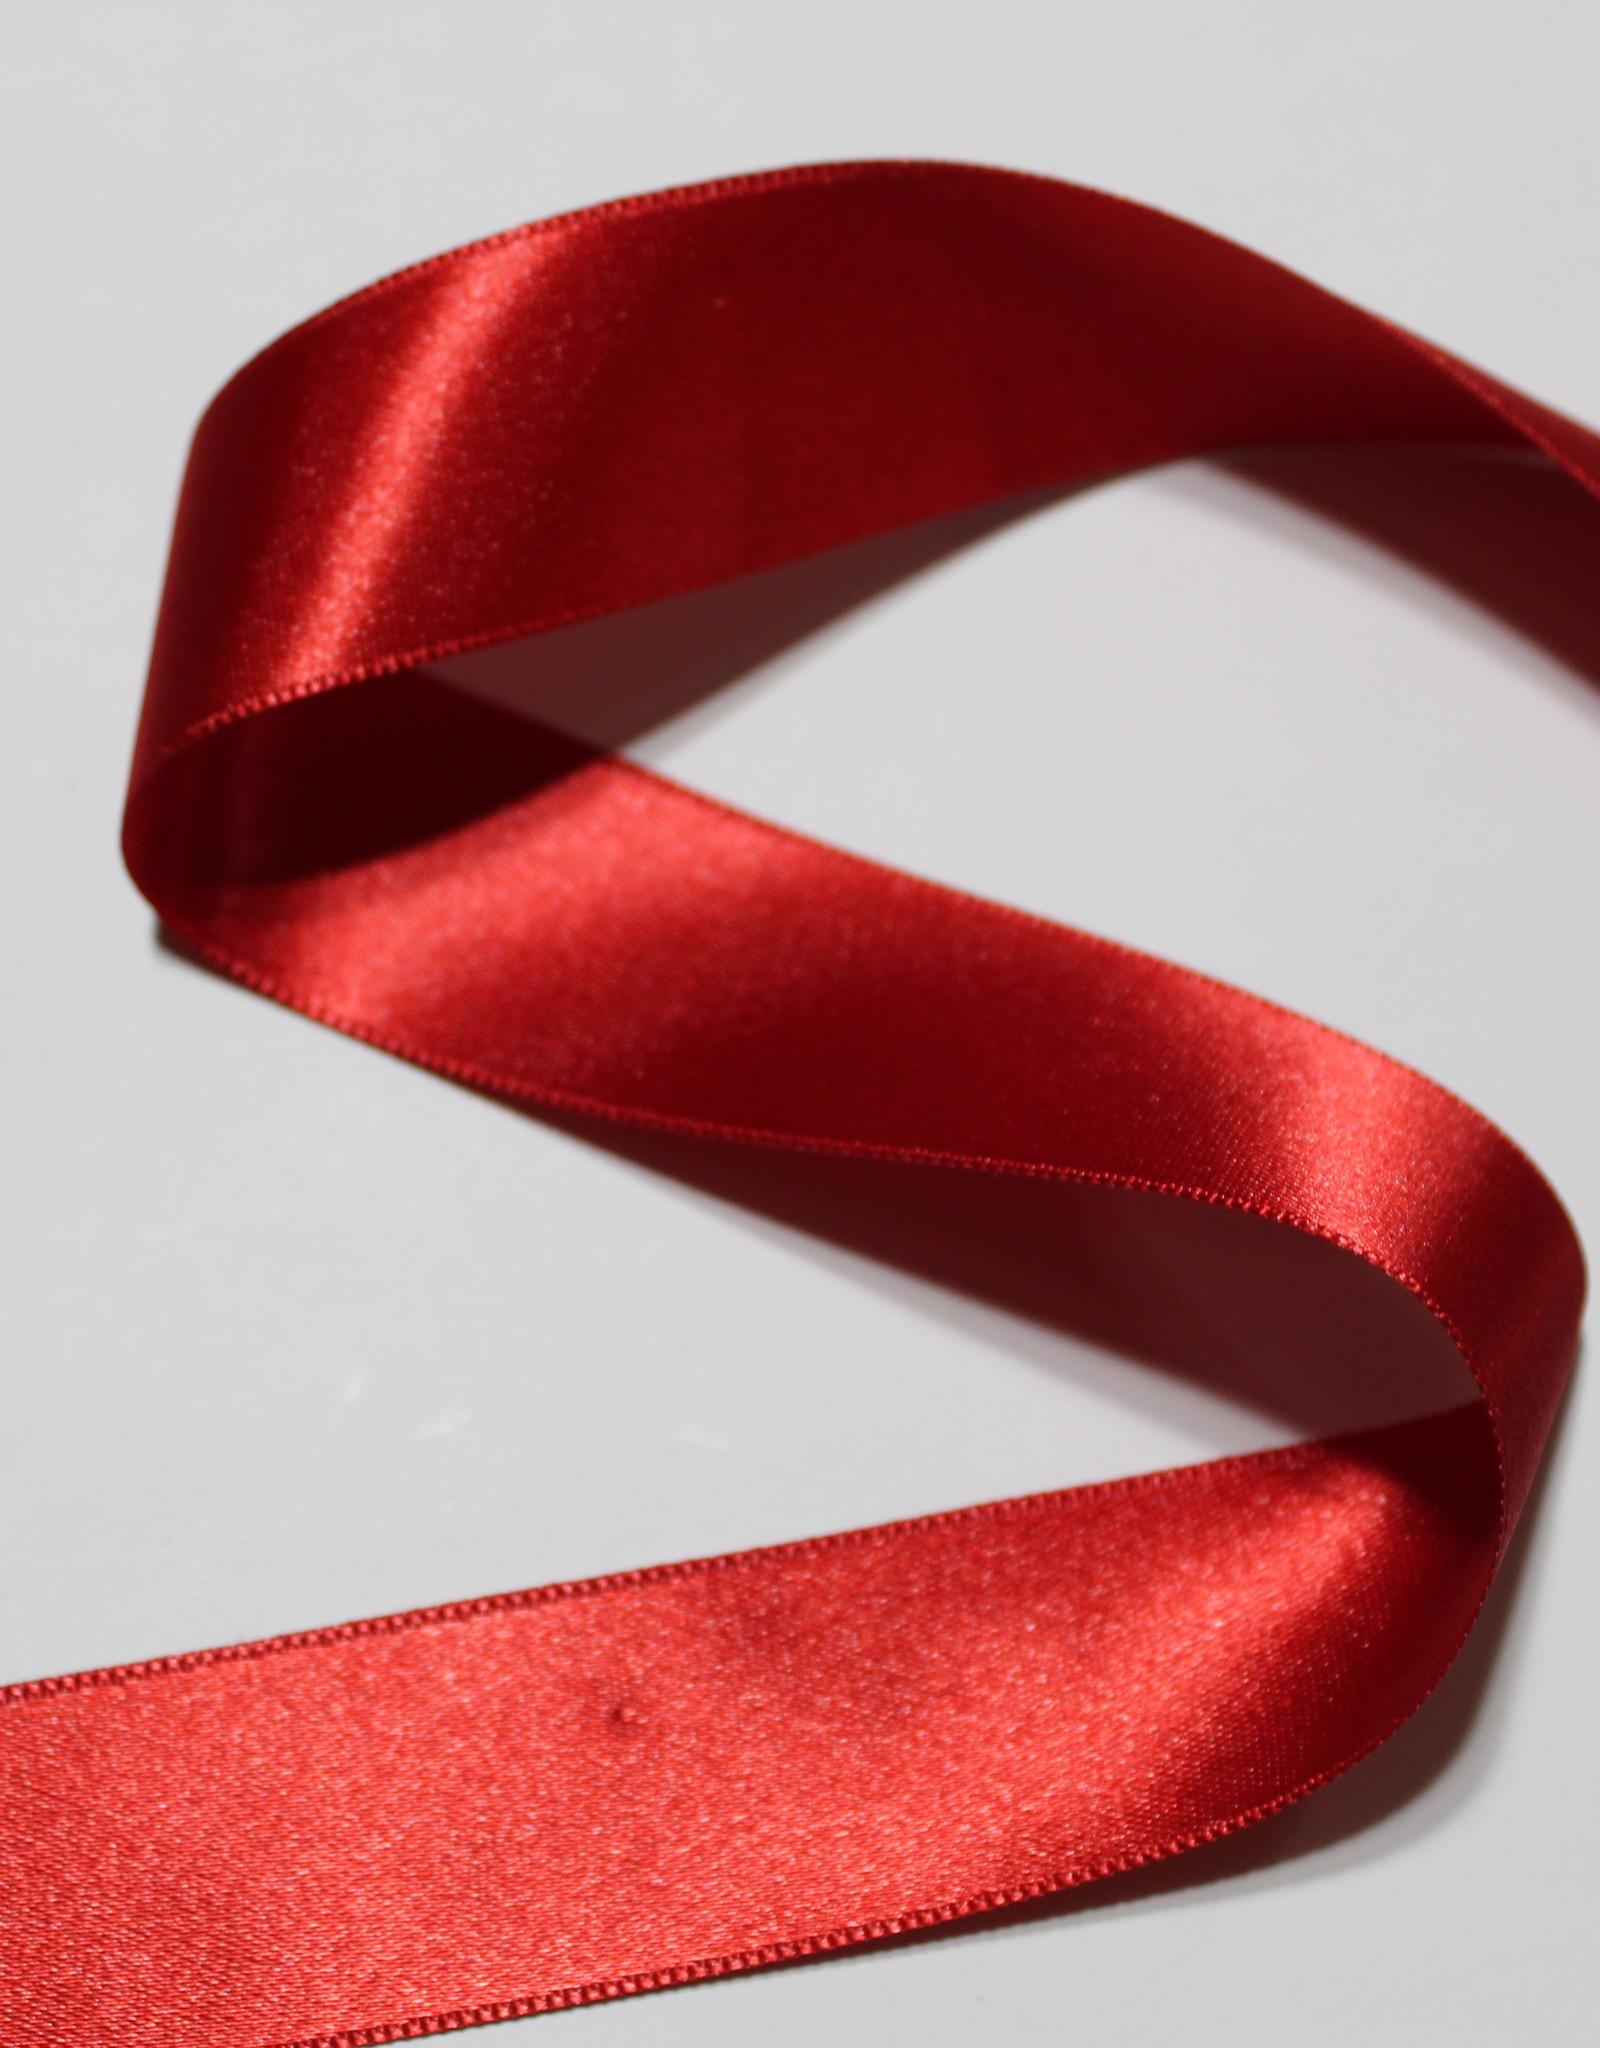 Dubbelzijdig satijnlint 25mm rood col.722